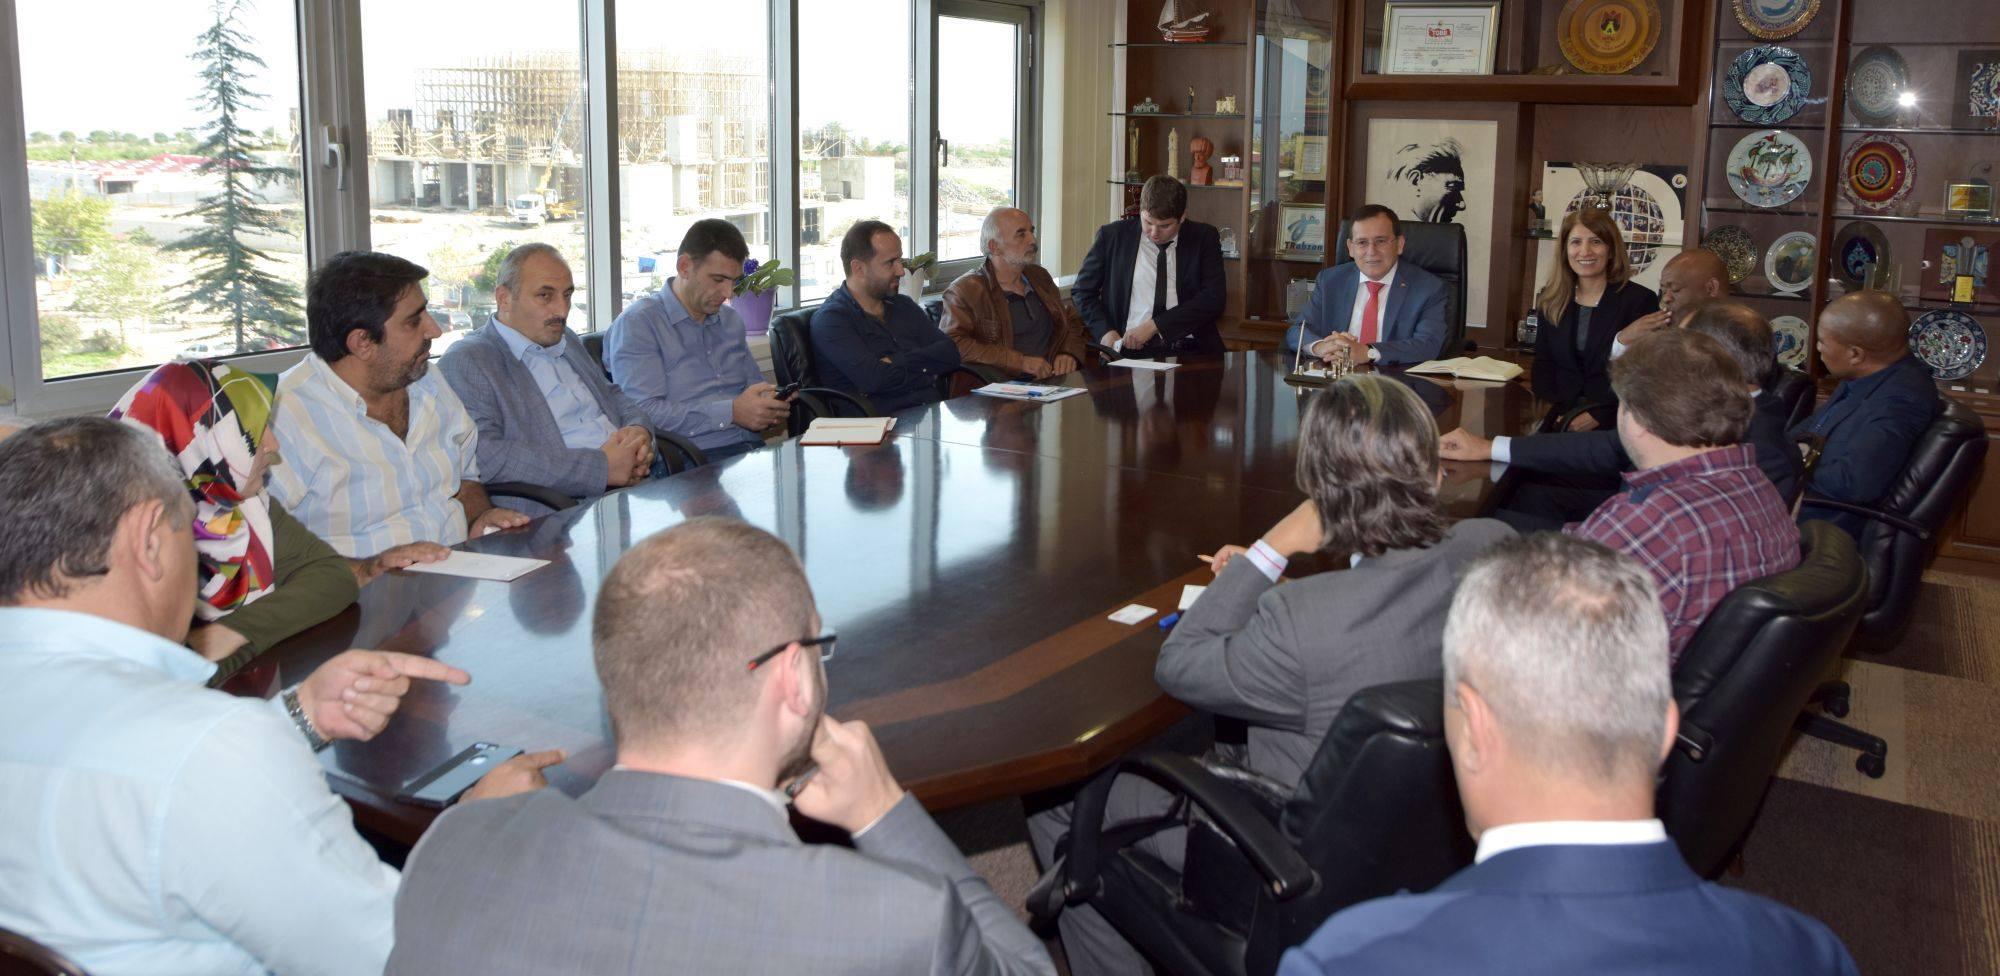 Güney Afrika'daki iş fırsatları Trabzon'da işadamlarına anlatıldı